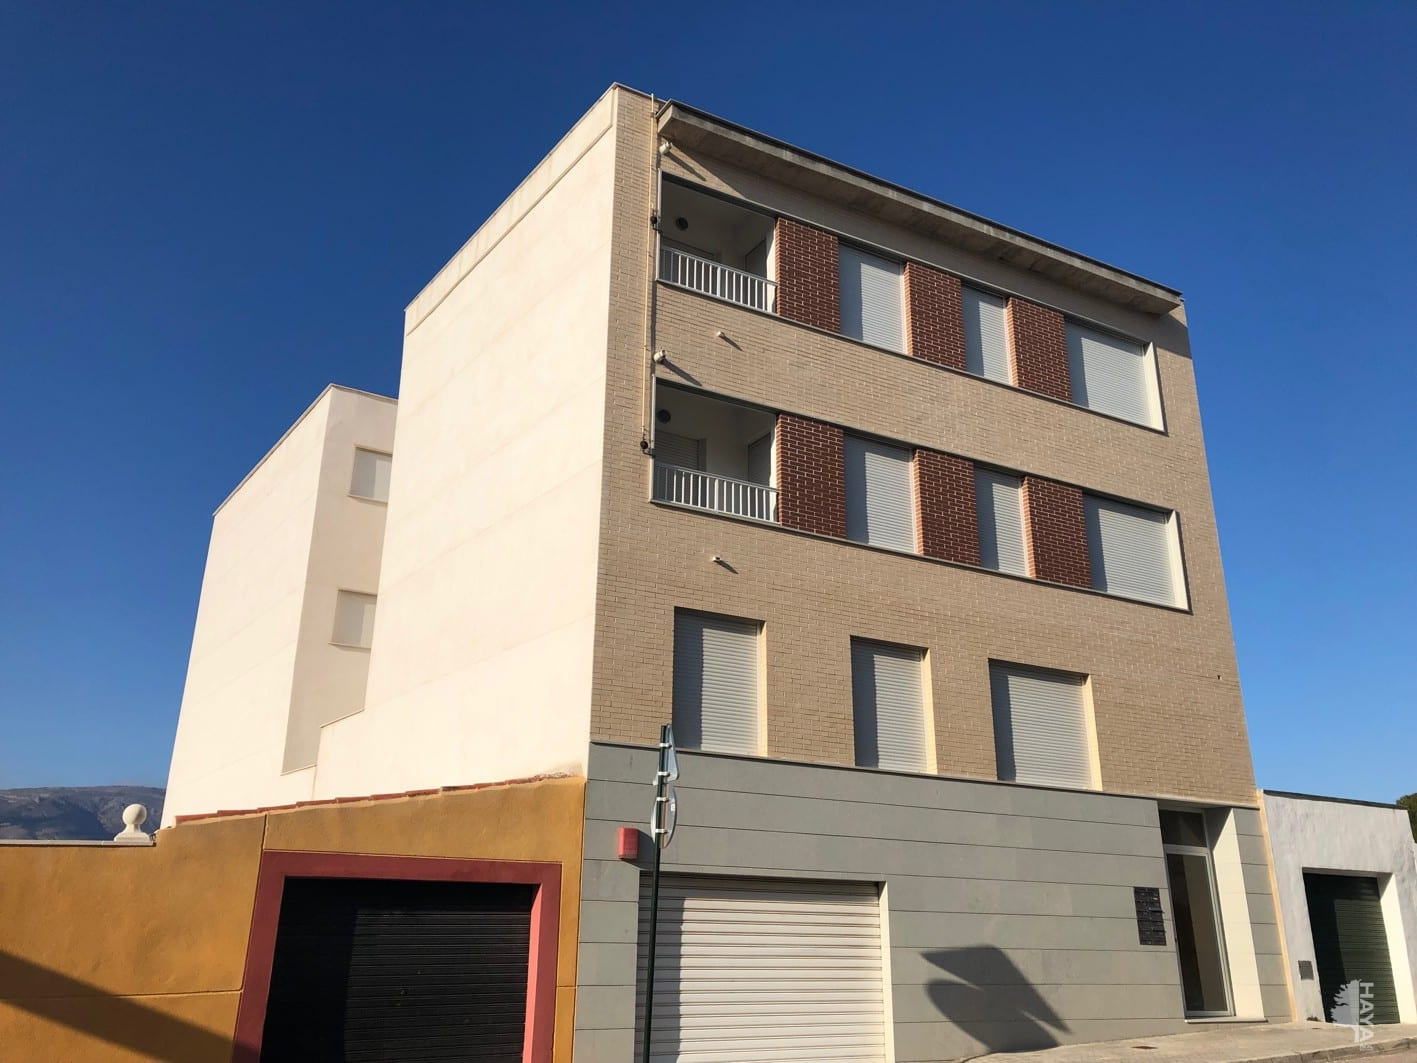 Piso en venta en Viaducte, Alcoy/alcoi, Alicante, Calle Sant Joan de Ribera, 75.000 €, 2 habitaciones, 1 baño, 69 m2